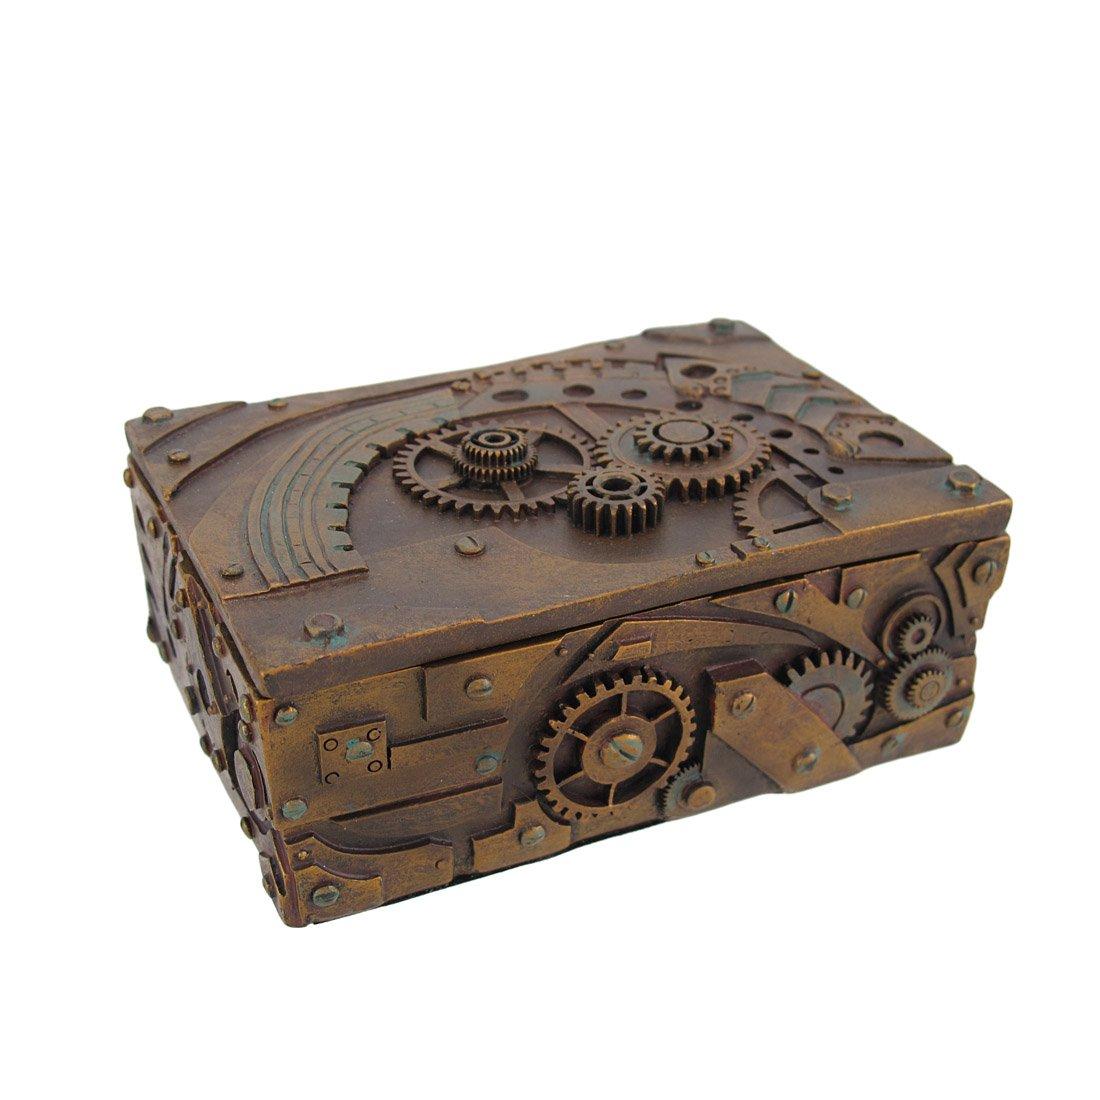 Shop AmazoncomDecorative Boxes